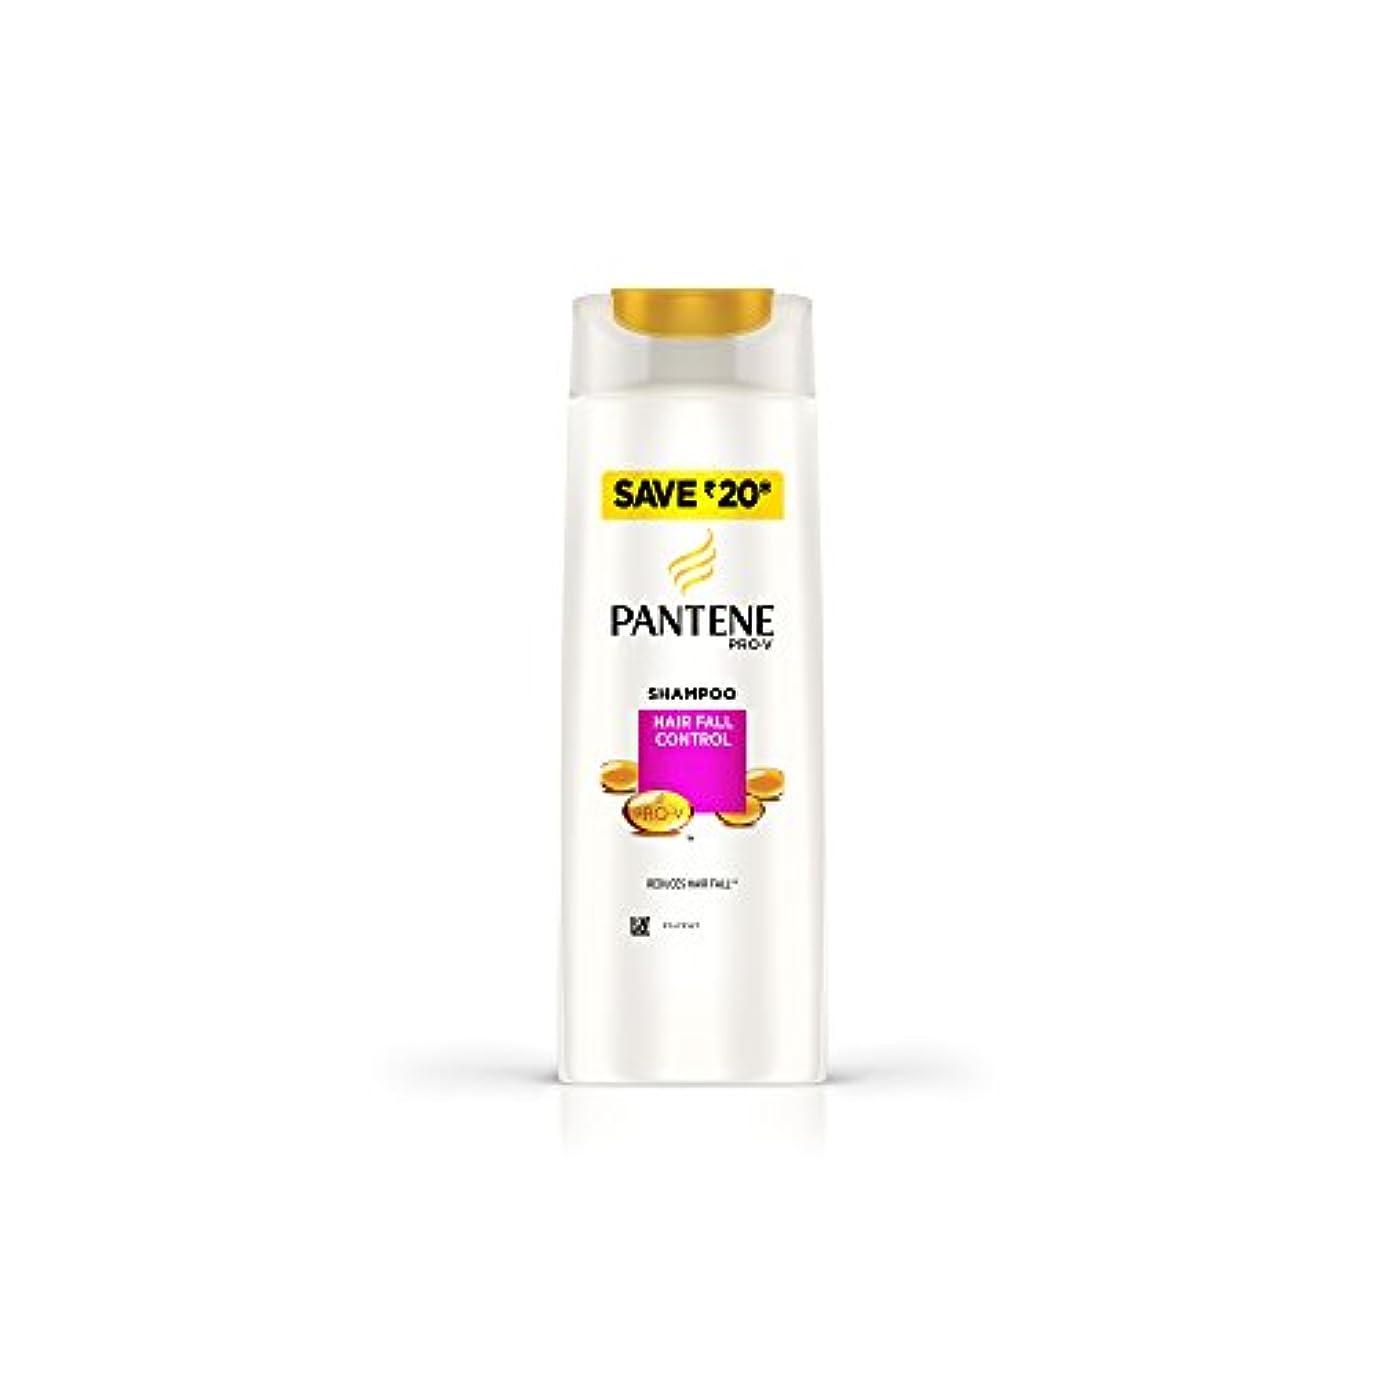 ぬれたパーク発揮するPANTENE Hair Fall control SHAMPOO 180 ml (PANTENEヘアフォールコントロールシャンプー180ml)